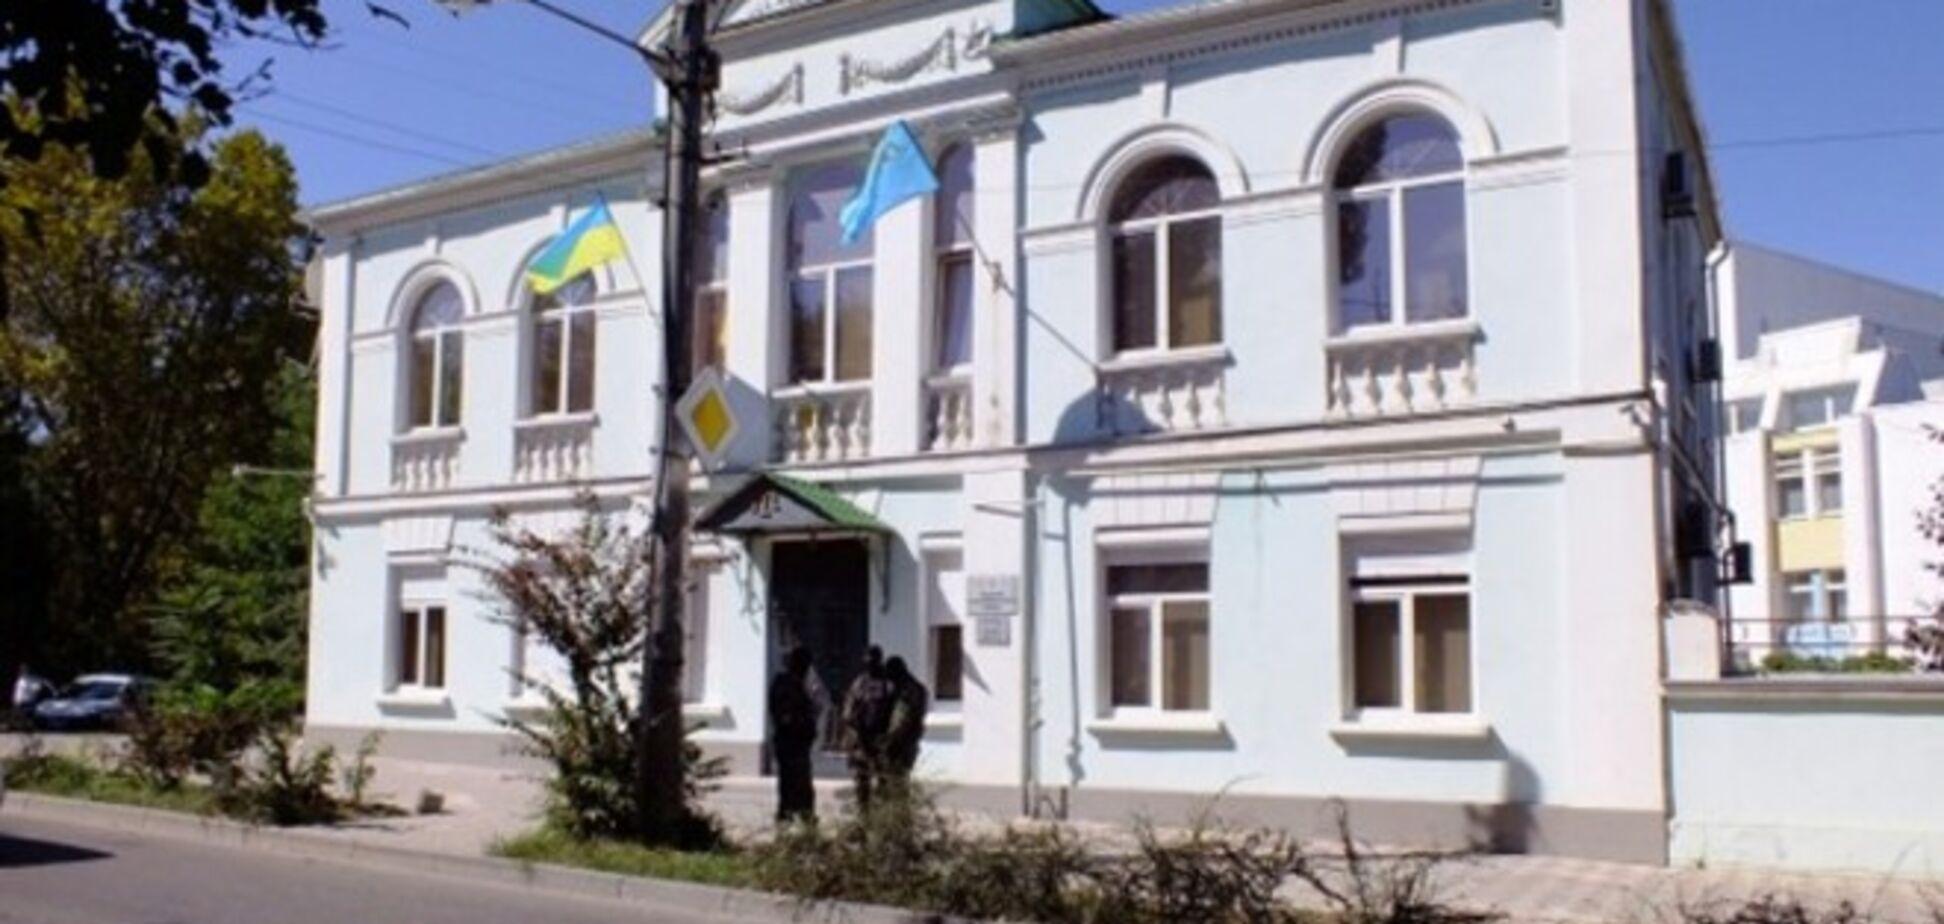 Сотрудников крымскотатарского Меджлиса выселили из их помещения в Симферополе